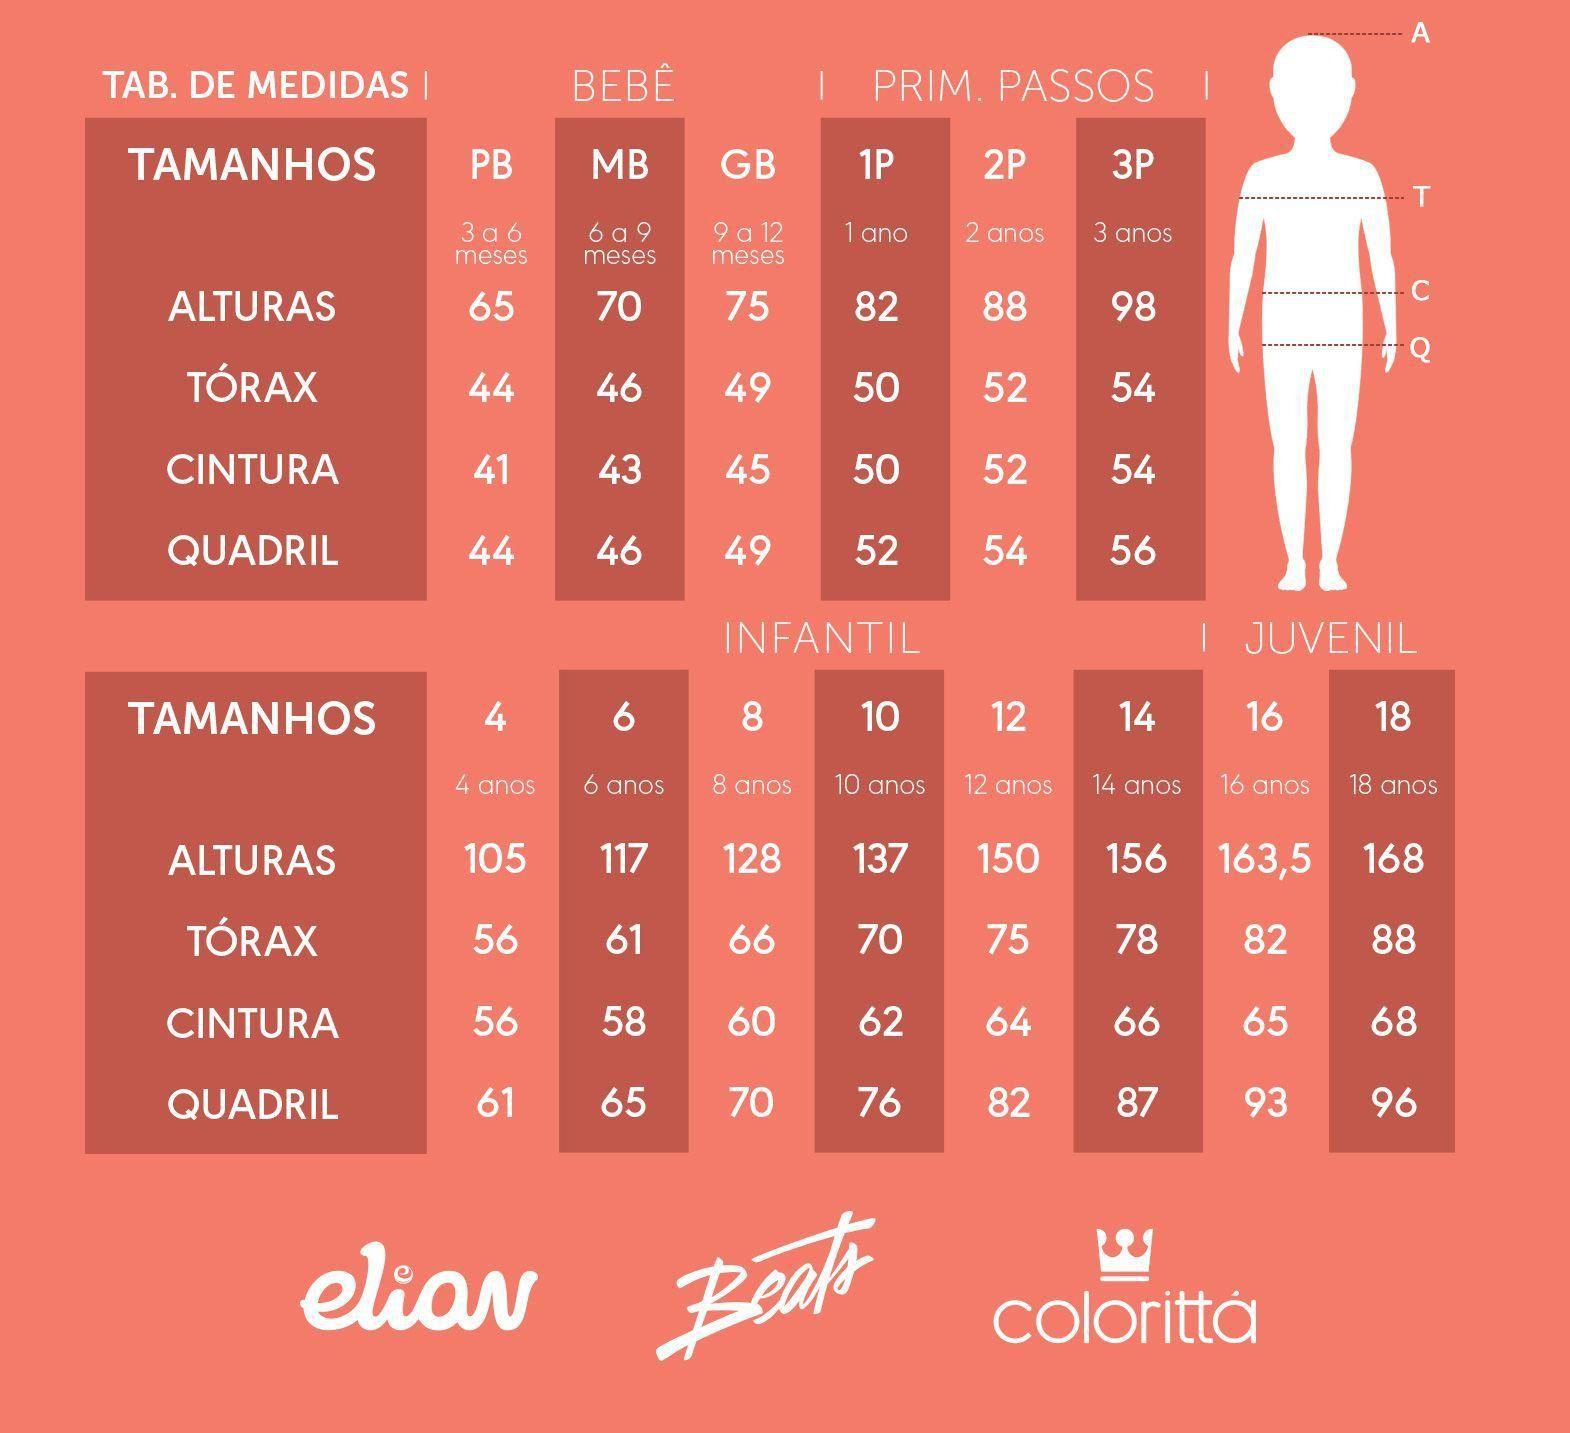 Conjunto Infantil Feminino Inverno Cinza Girl - Elian: Tabela de medidas